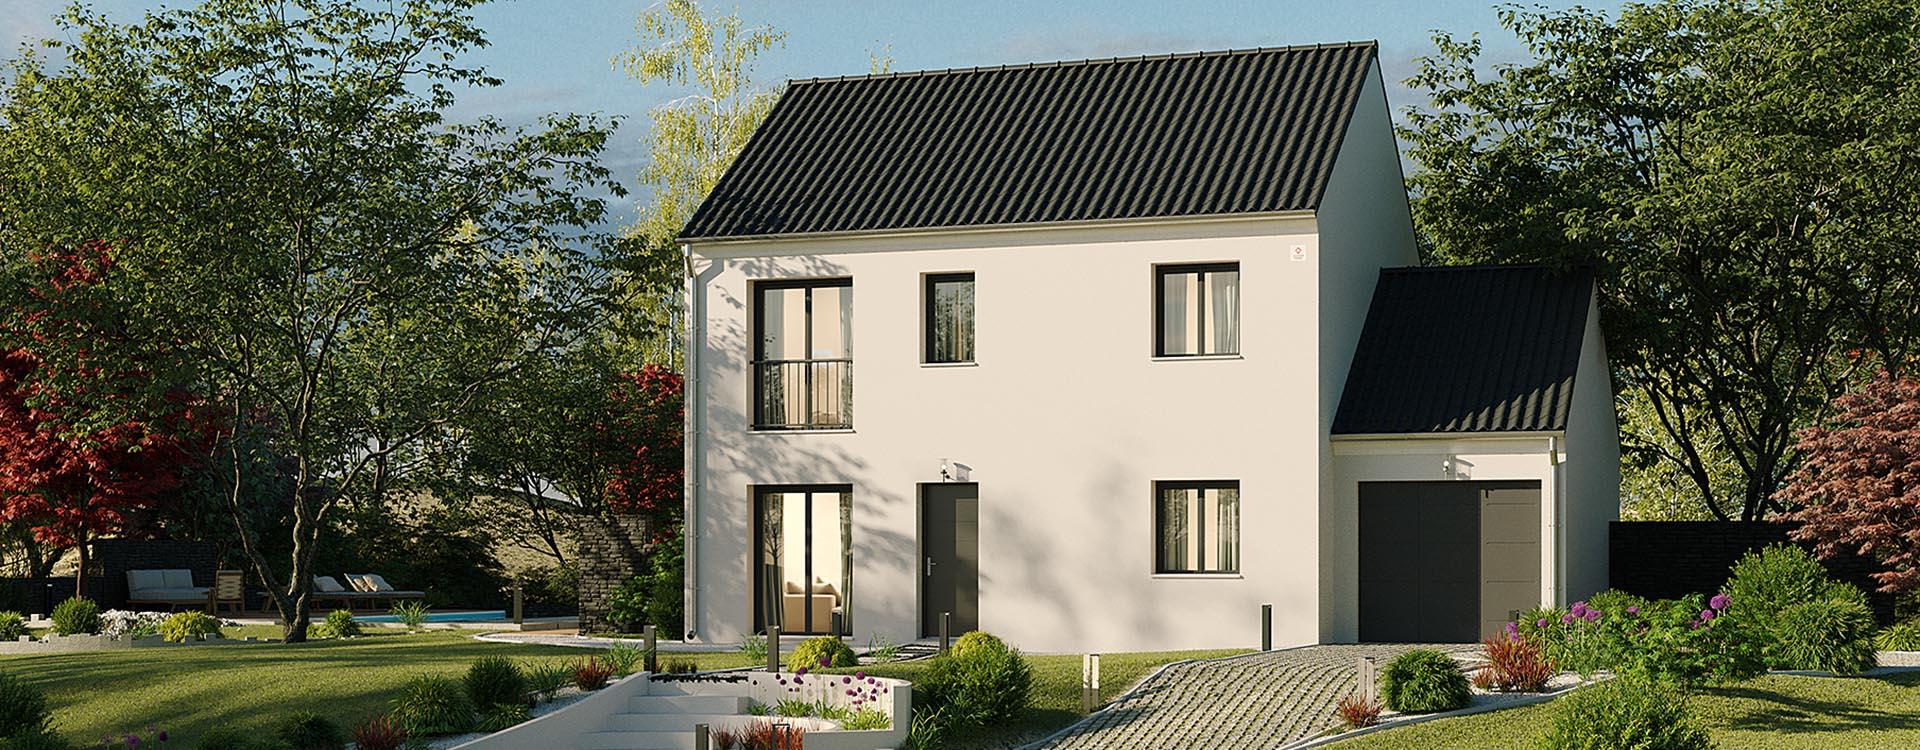 Maisons du constructeur MAISONS PIERRE • 110 m² • BOUSSY SAINT ANTOINE